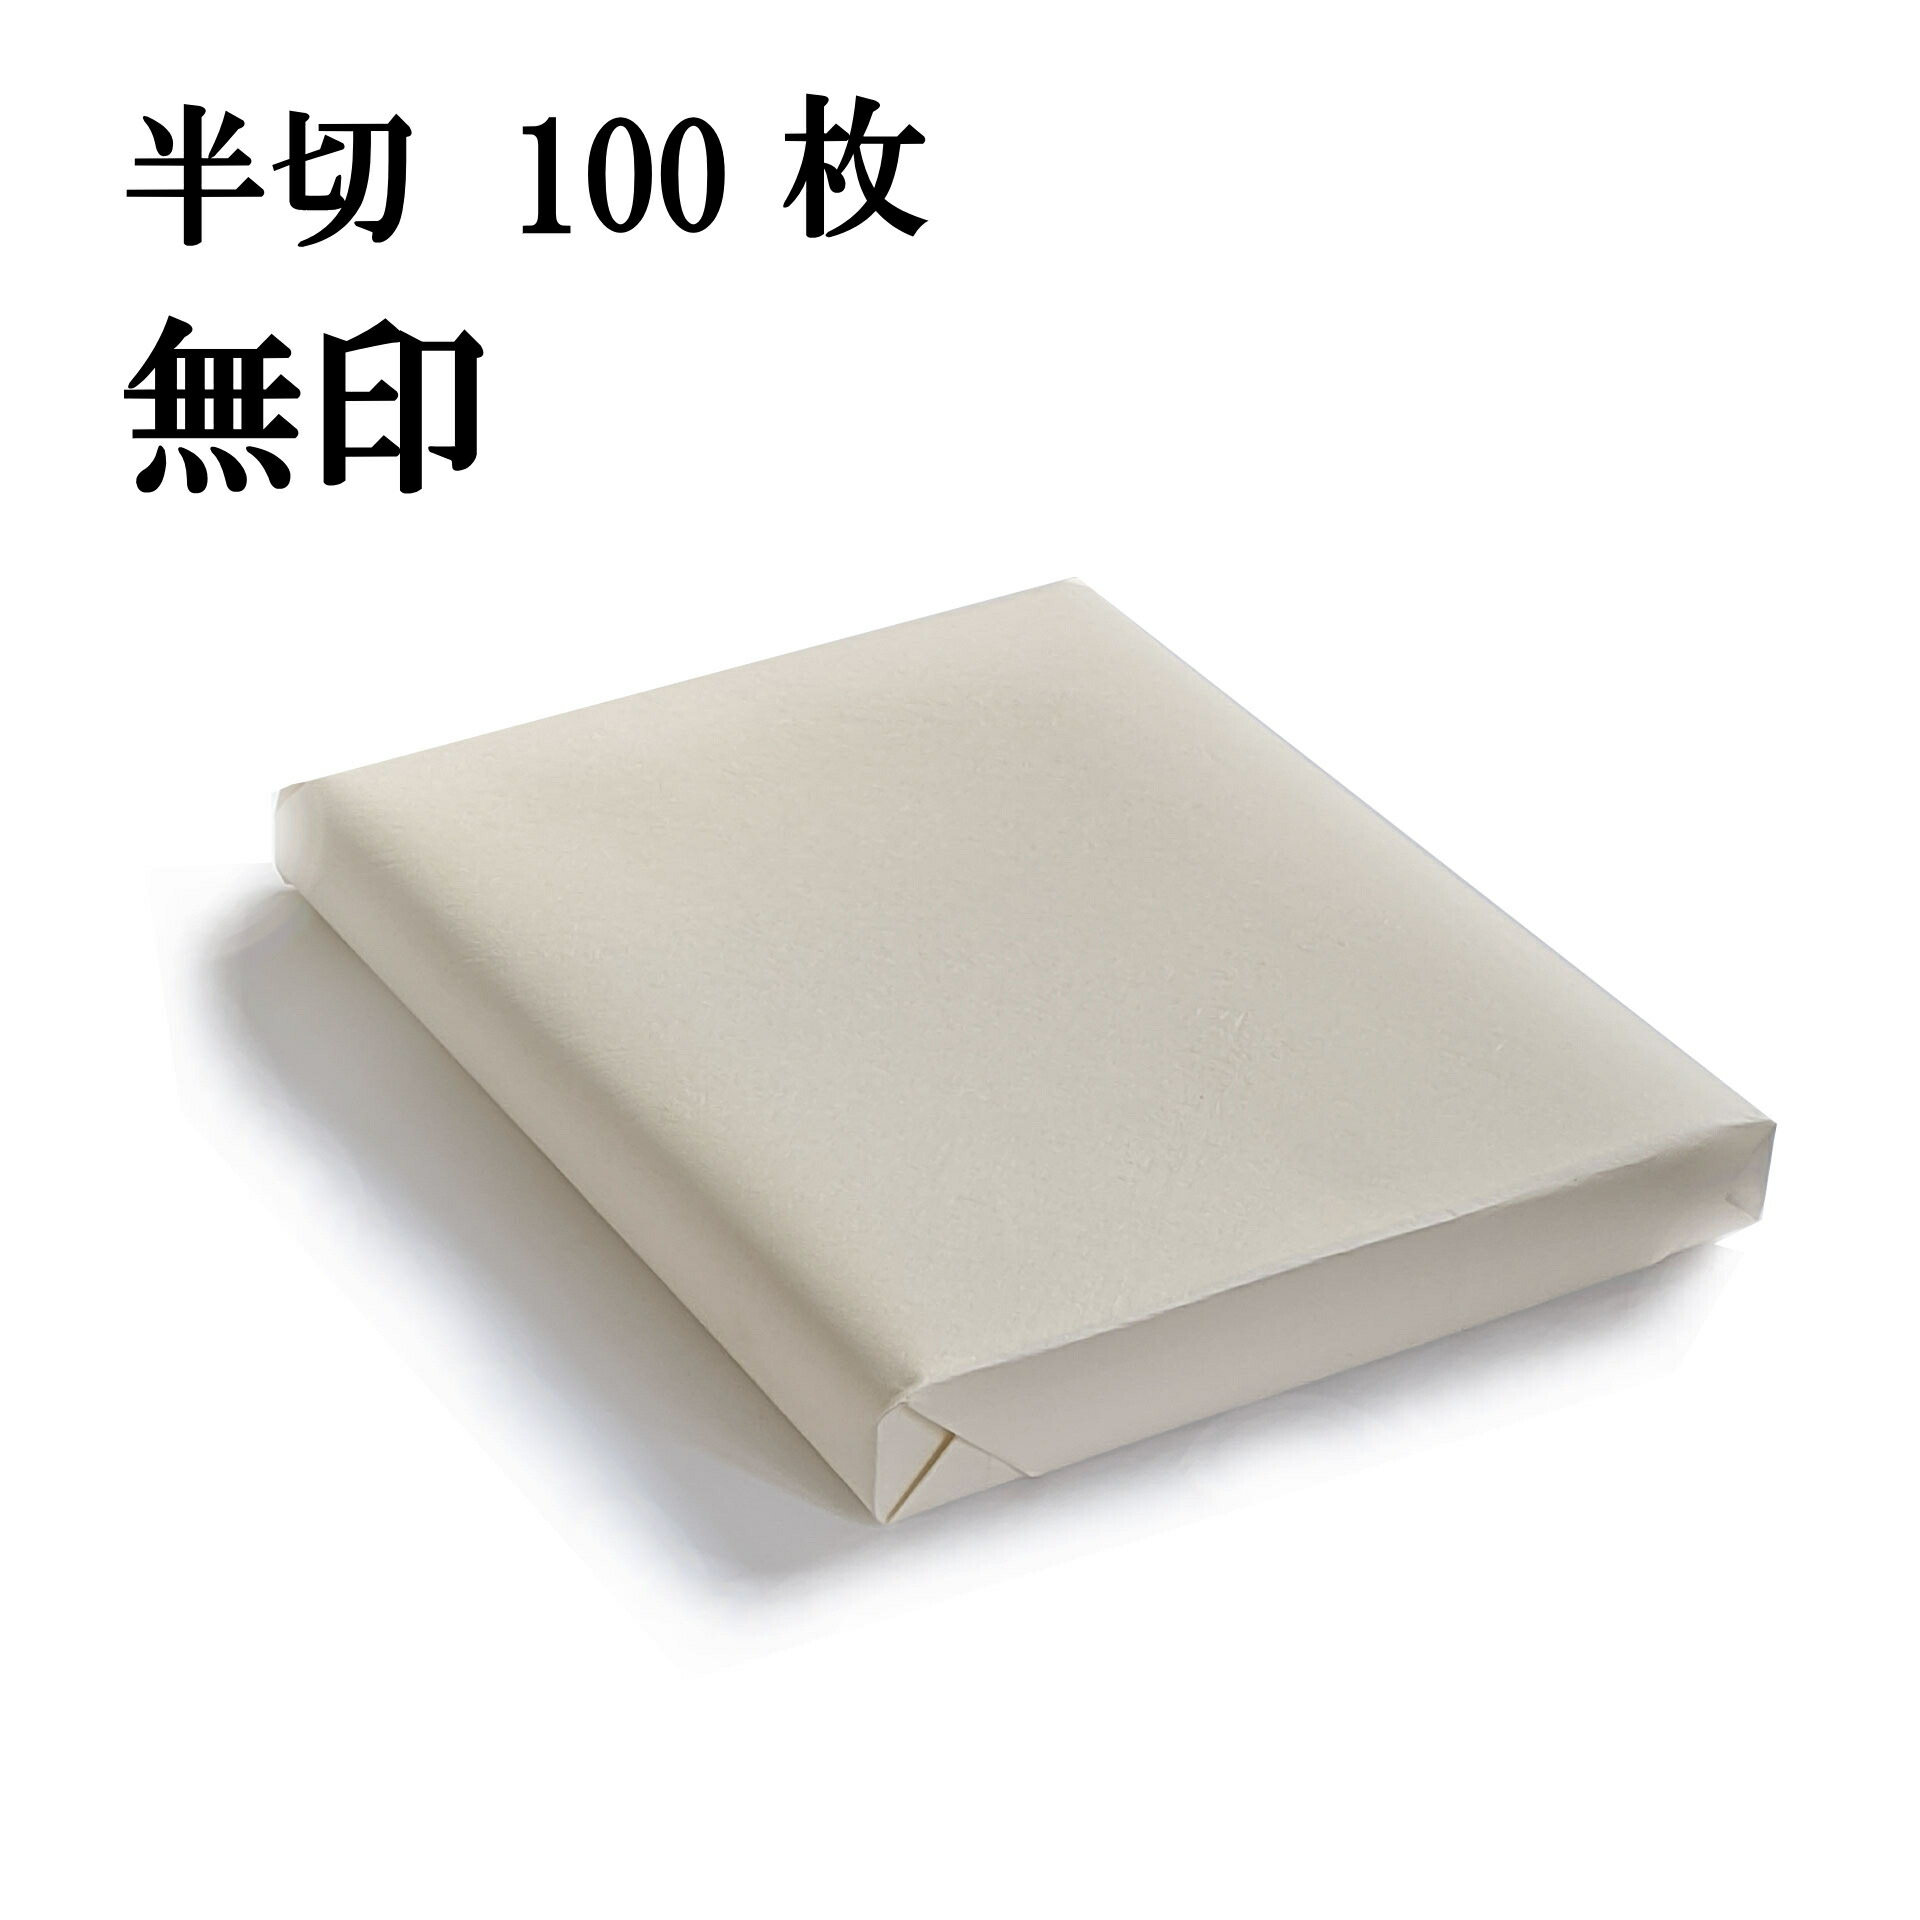 無印画仙紙半切100枚